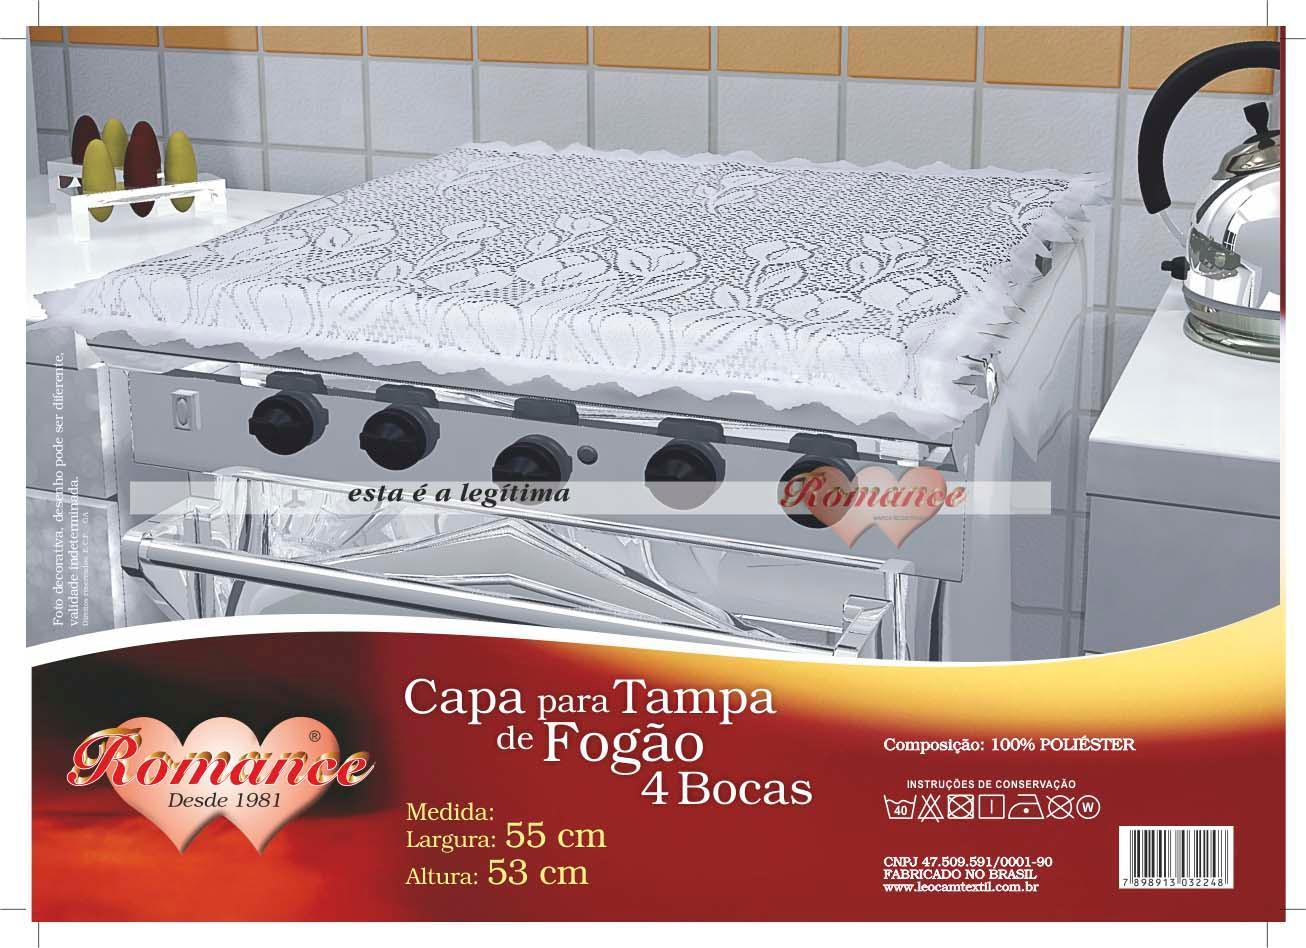 CAPA P/TAMPA FOGAO 4 BOCA